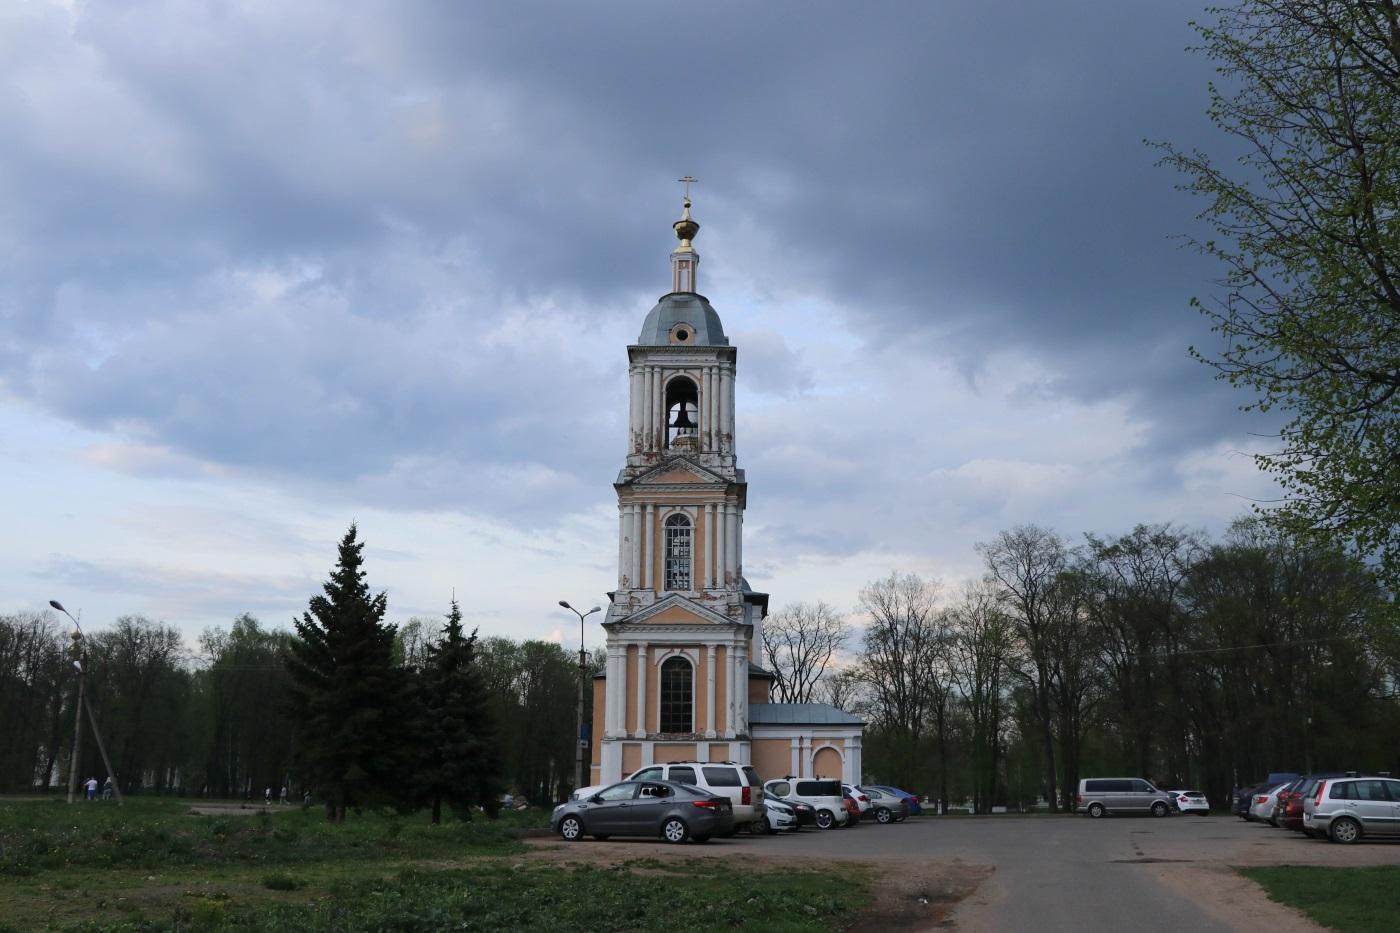 Достопримечательности Углича с фото и описанием